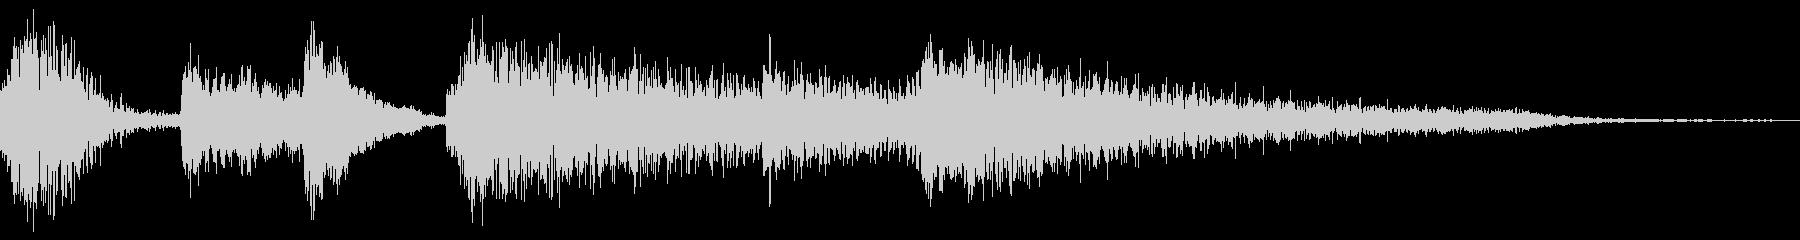 Piano's plain jingle 3 seconds's unreproduced waveform